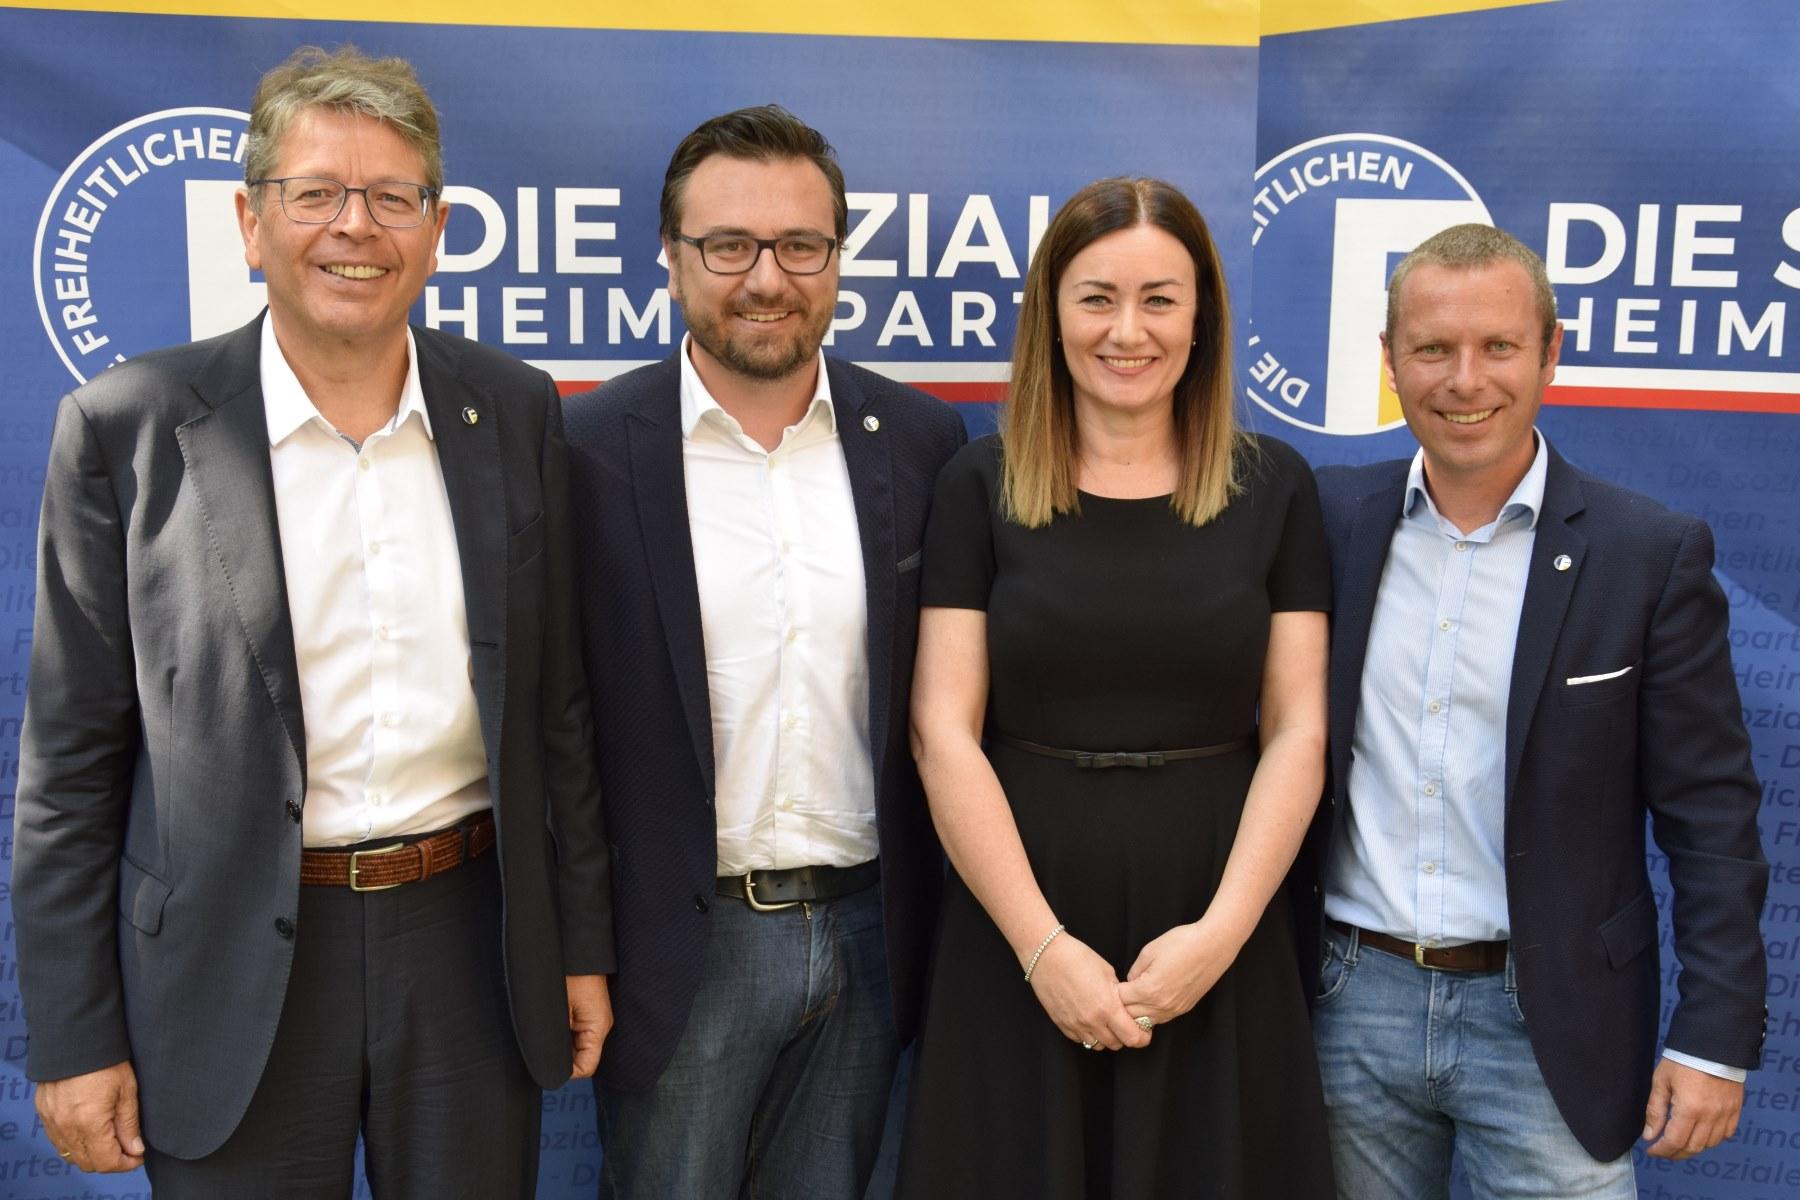 LTW18: Freiheitliche Kandidatenliste präsentiert